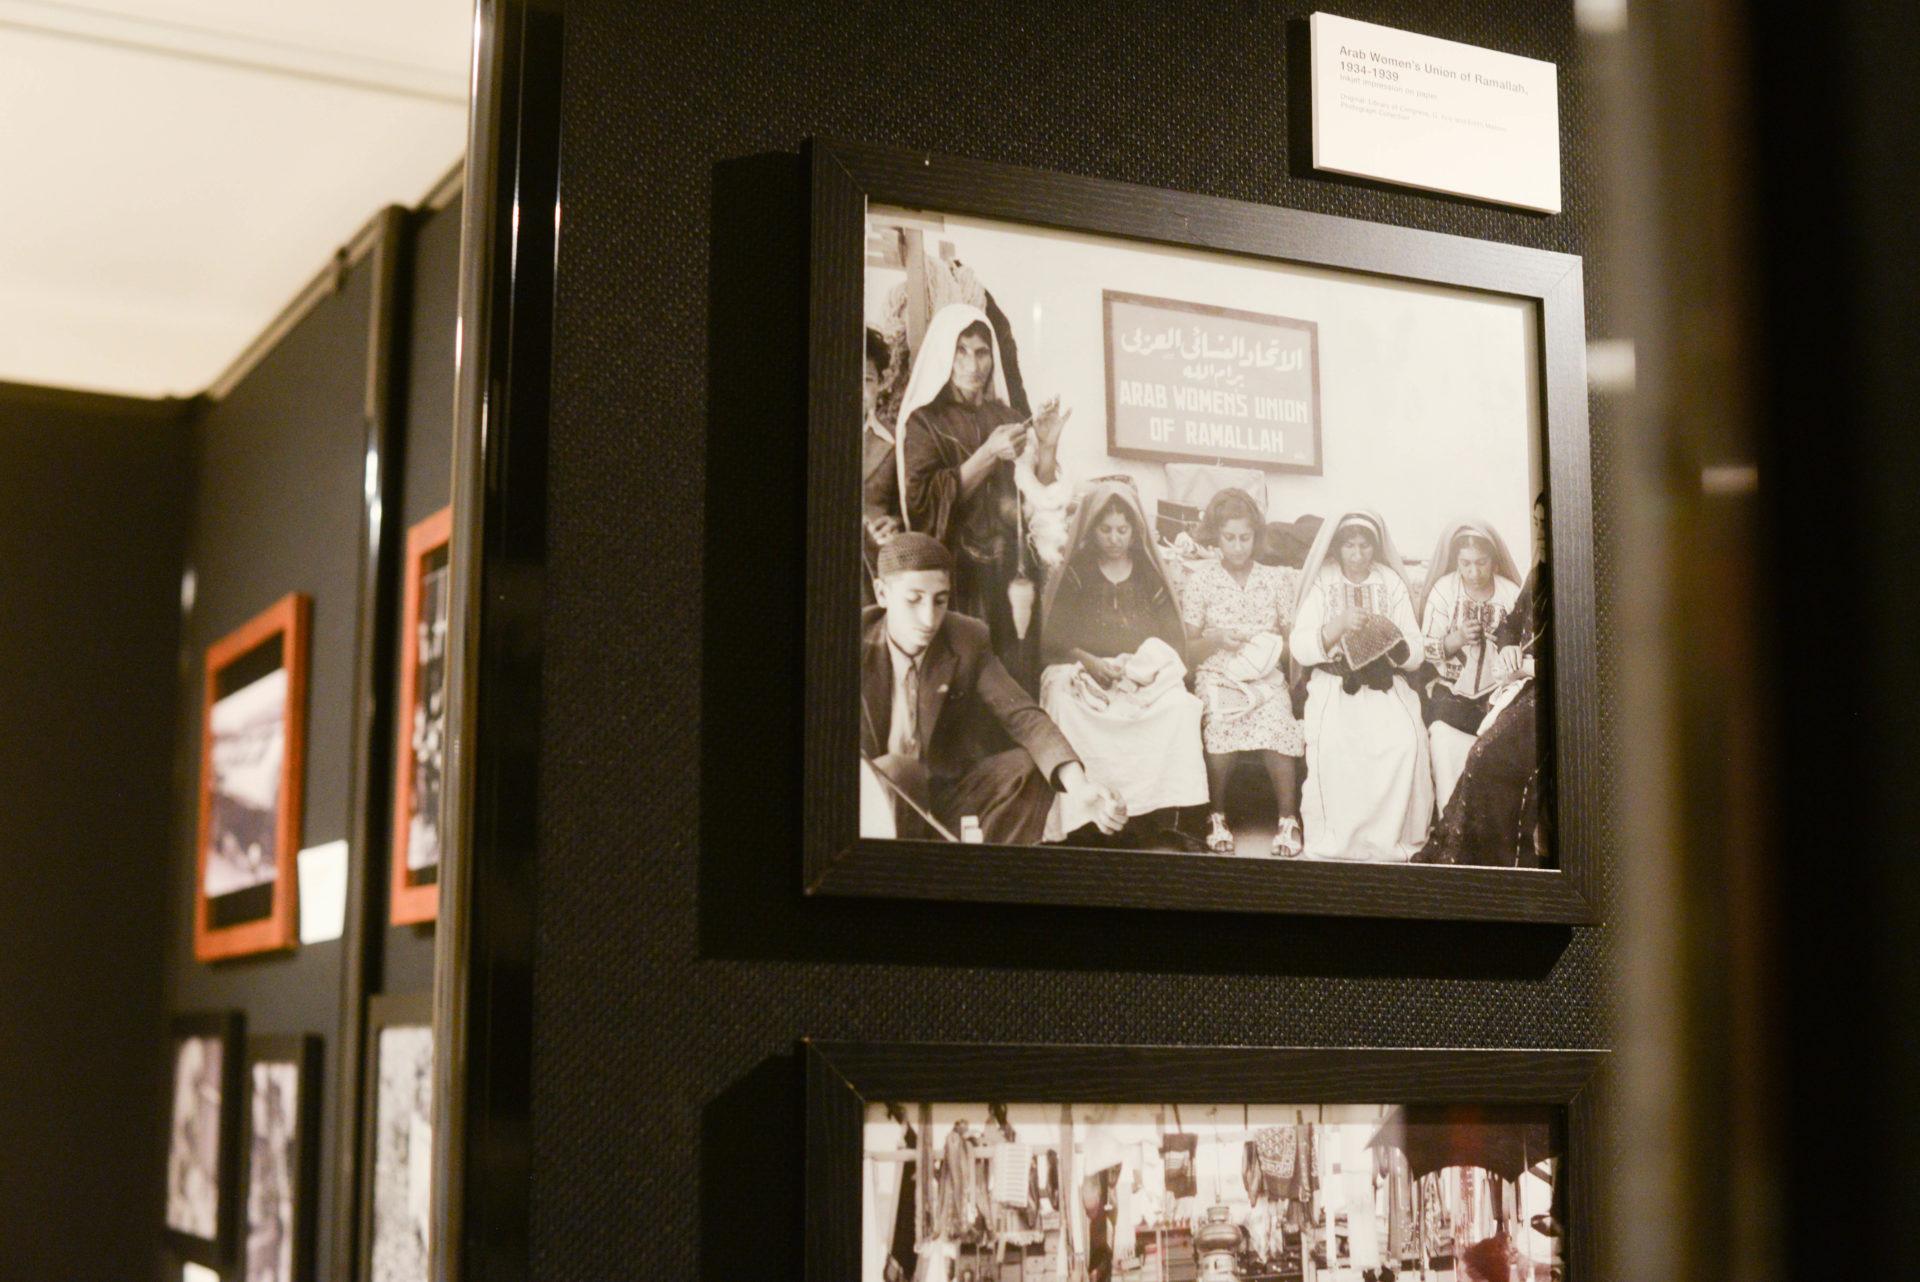 【博物之島新訊】在白宮旁訴說自身故事:華盛頓巴勒斯坦人民博物館